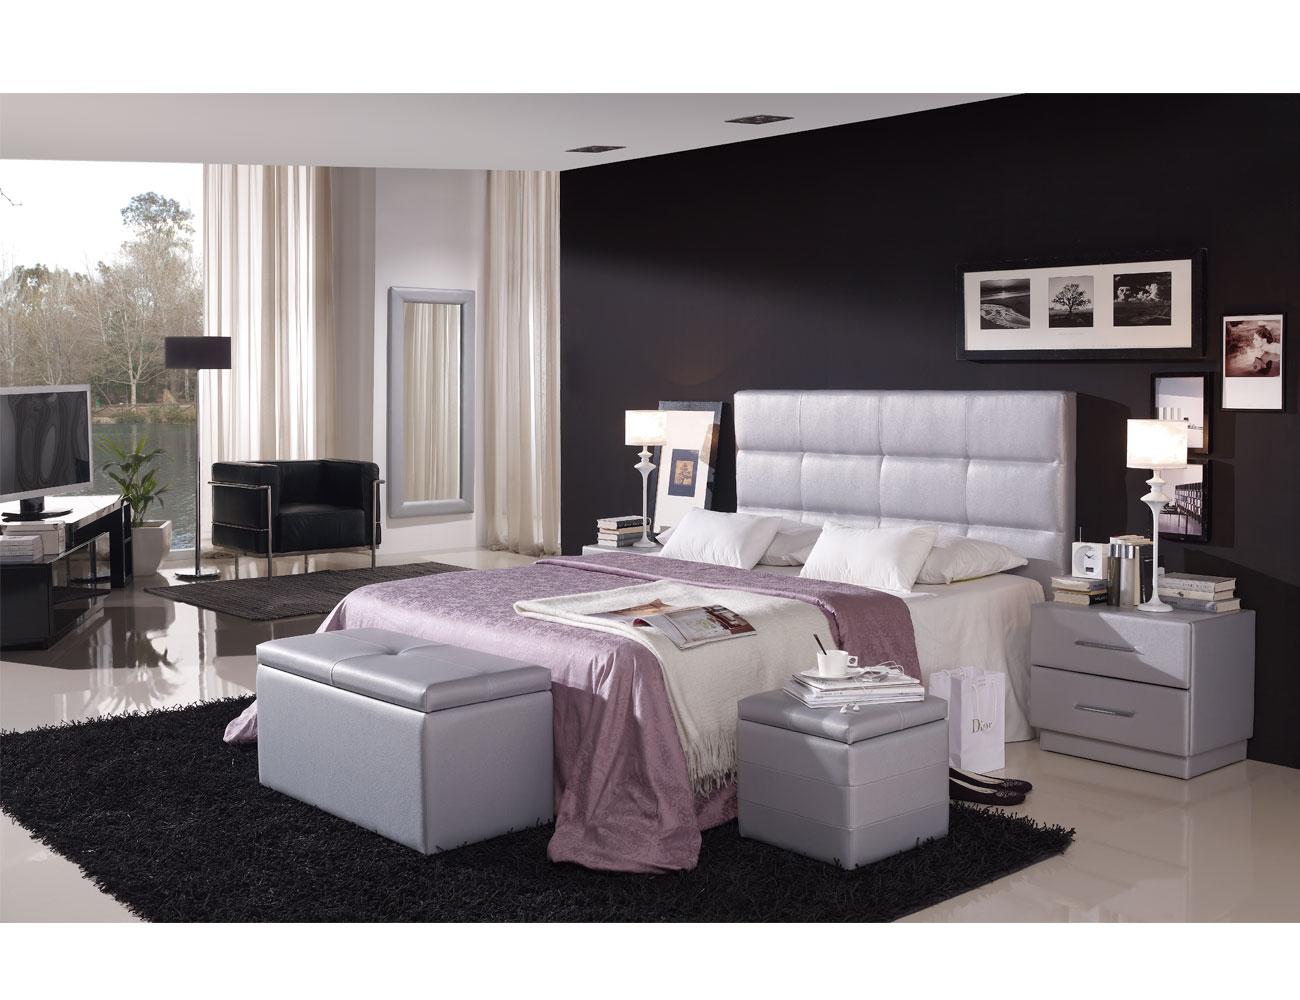 86 pie cama cuadros dormitorio 9